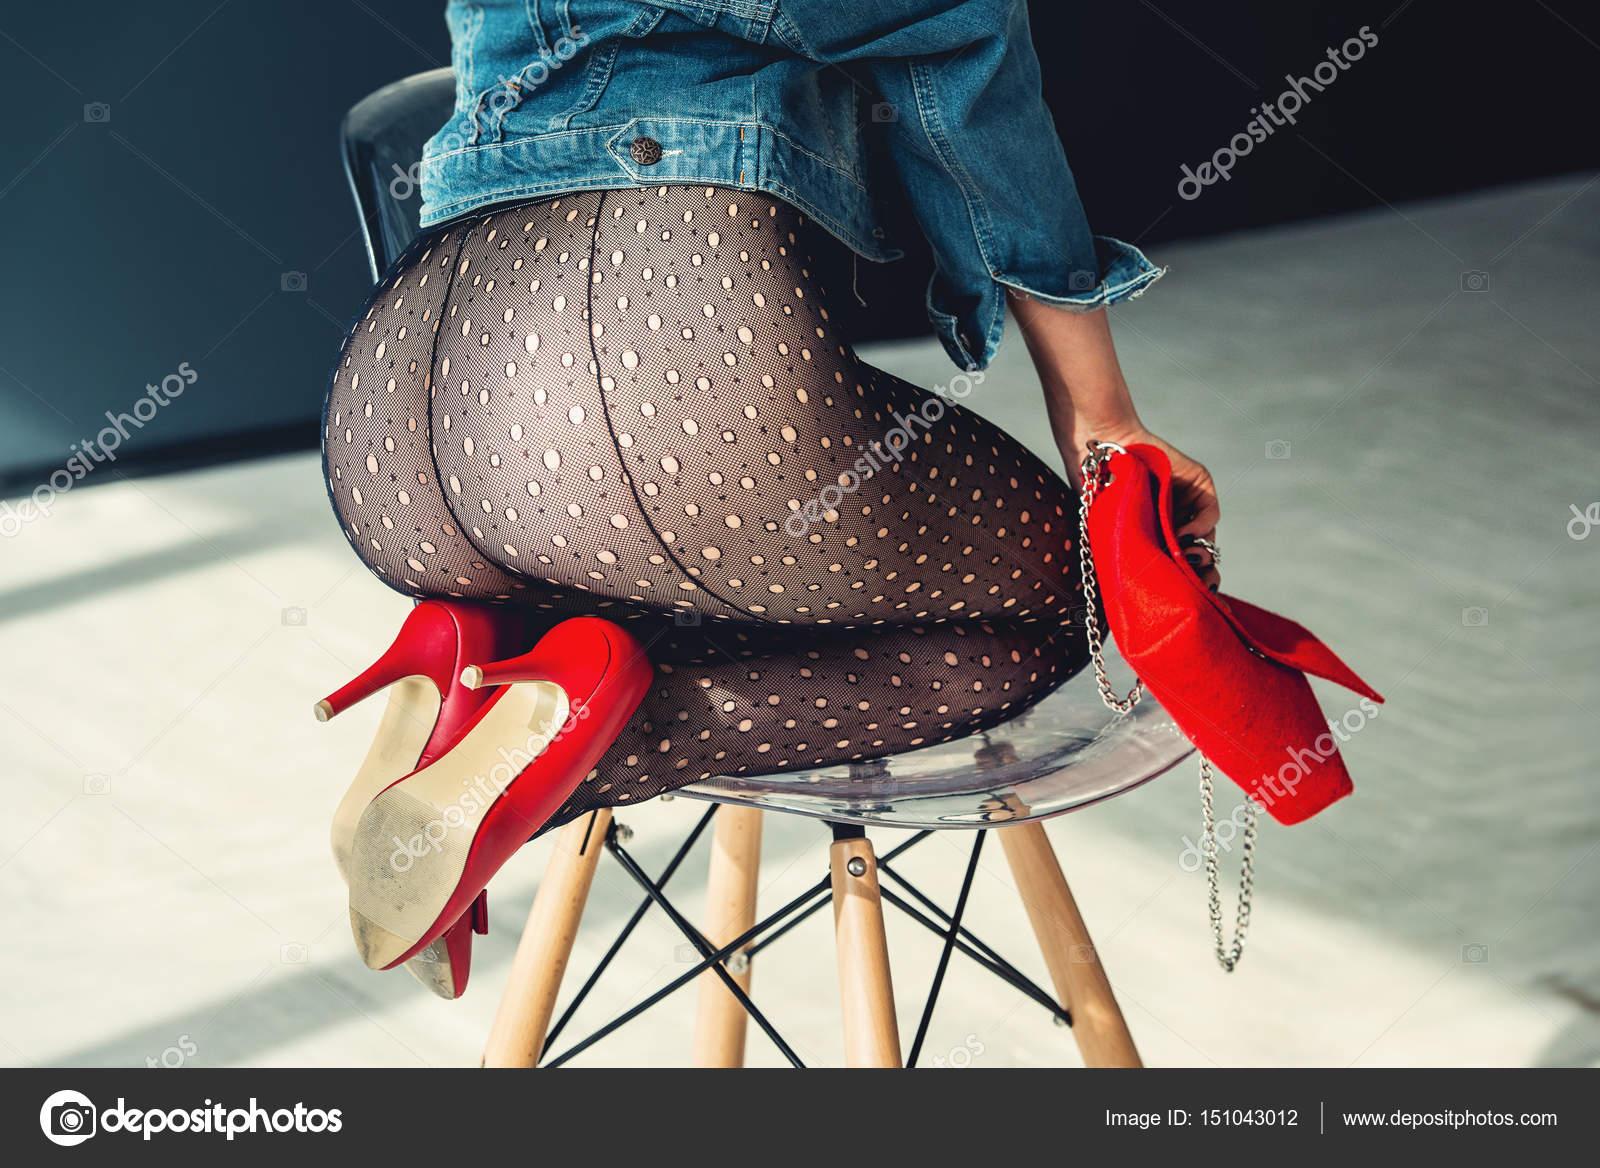 Magnifique fille vêtue d\u0027une chaussures à talons hauts bleu jeance veste,  rouge avec rouge petit sac et collants transparents sans culotte. posant  assis sur